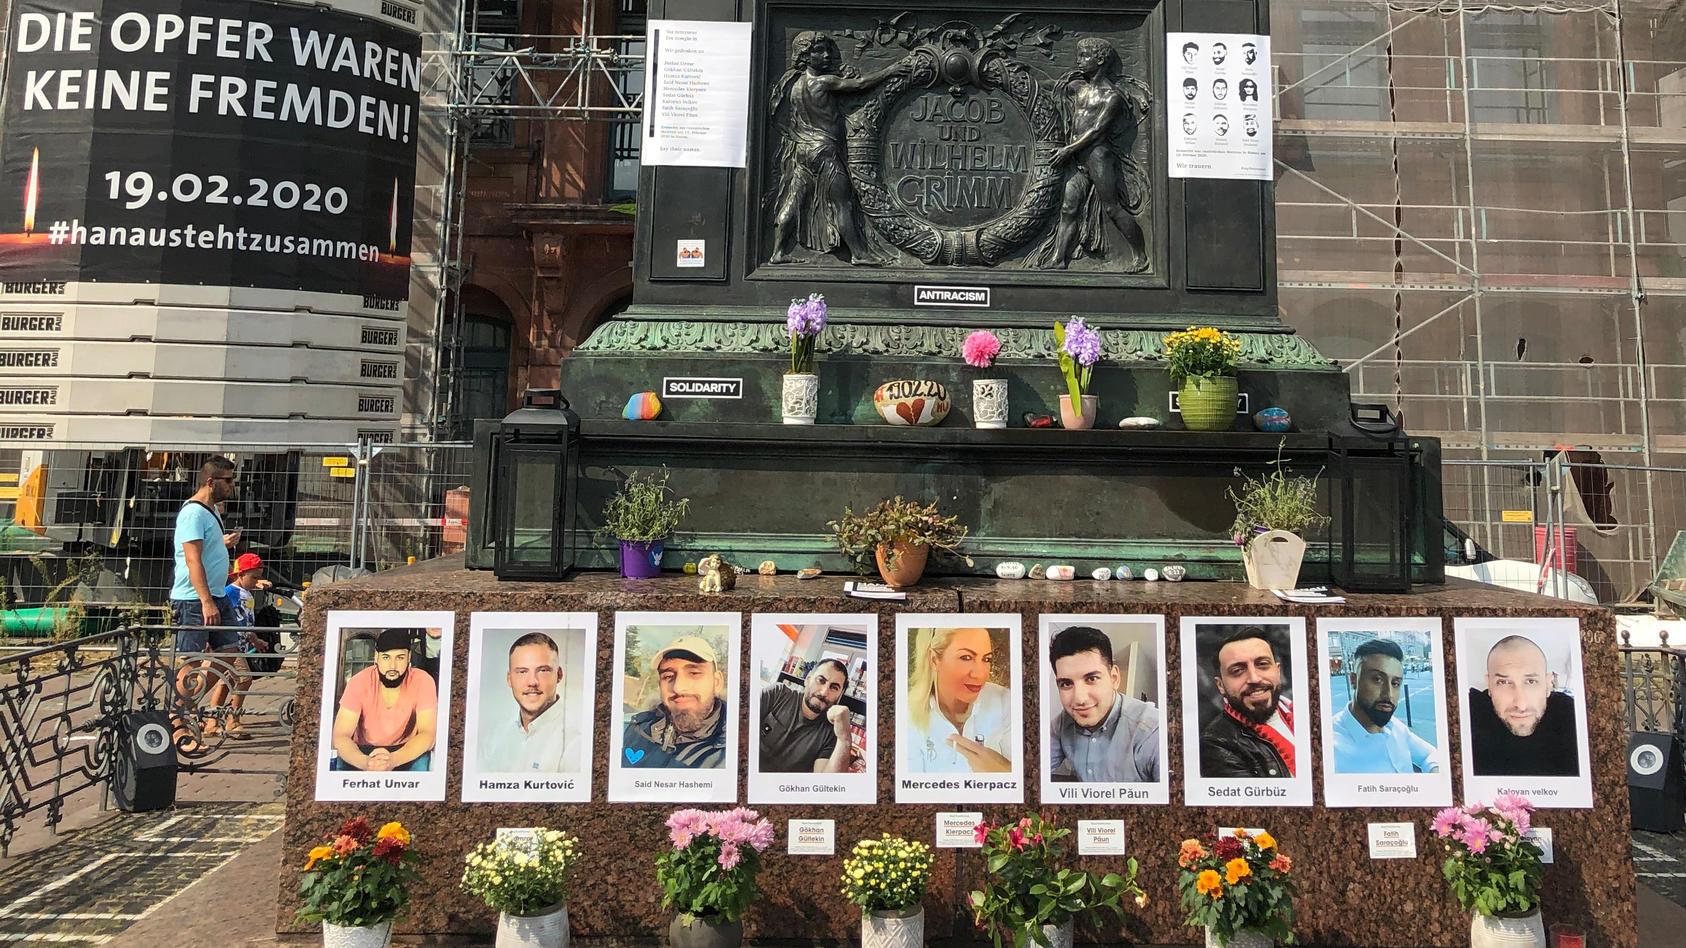 Bilder der Opfer des Anschlags in Hanau